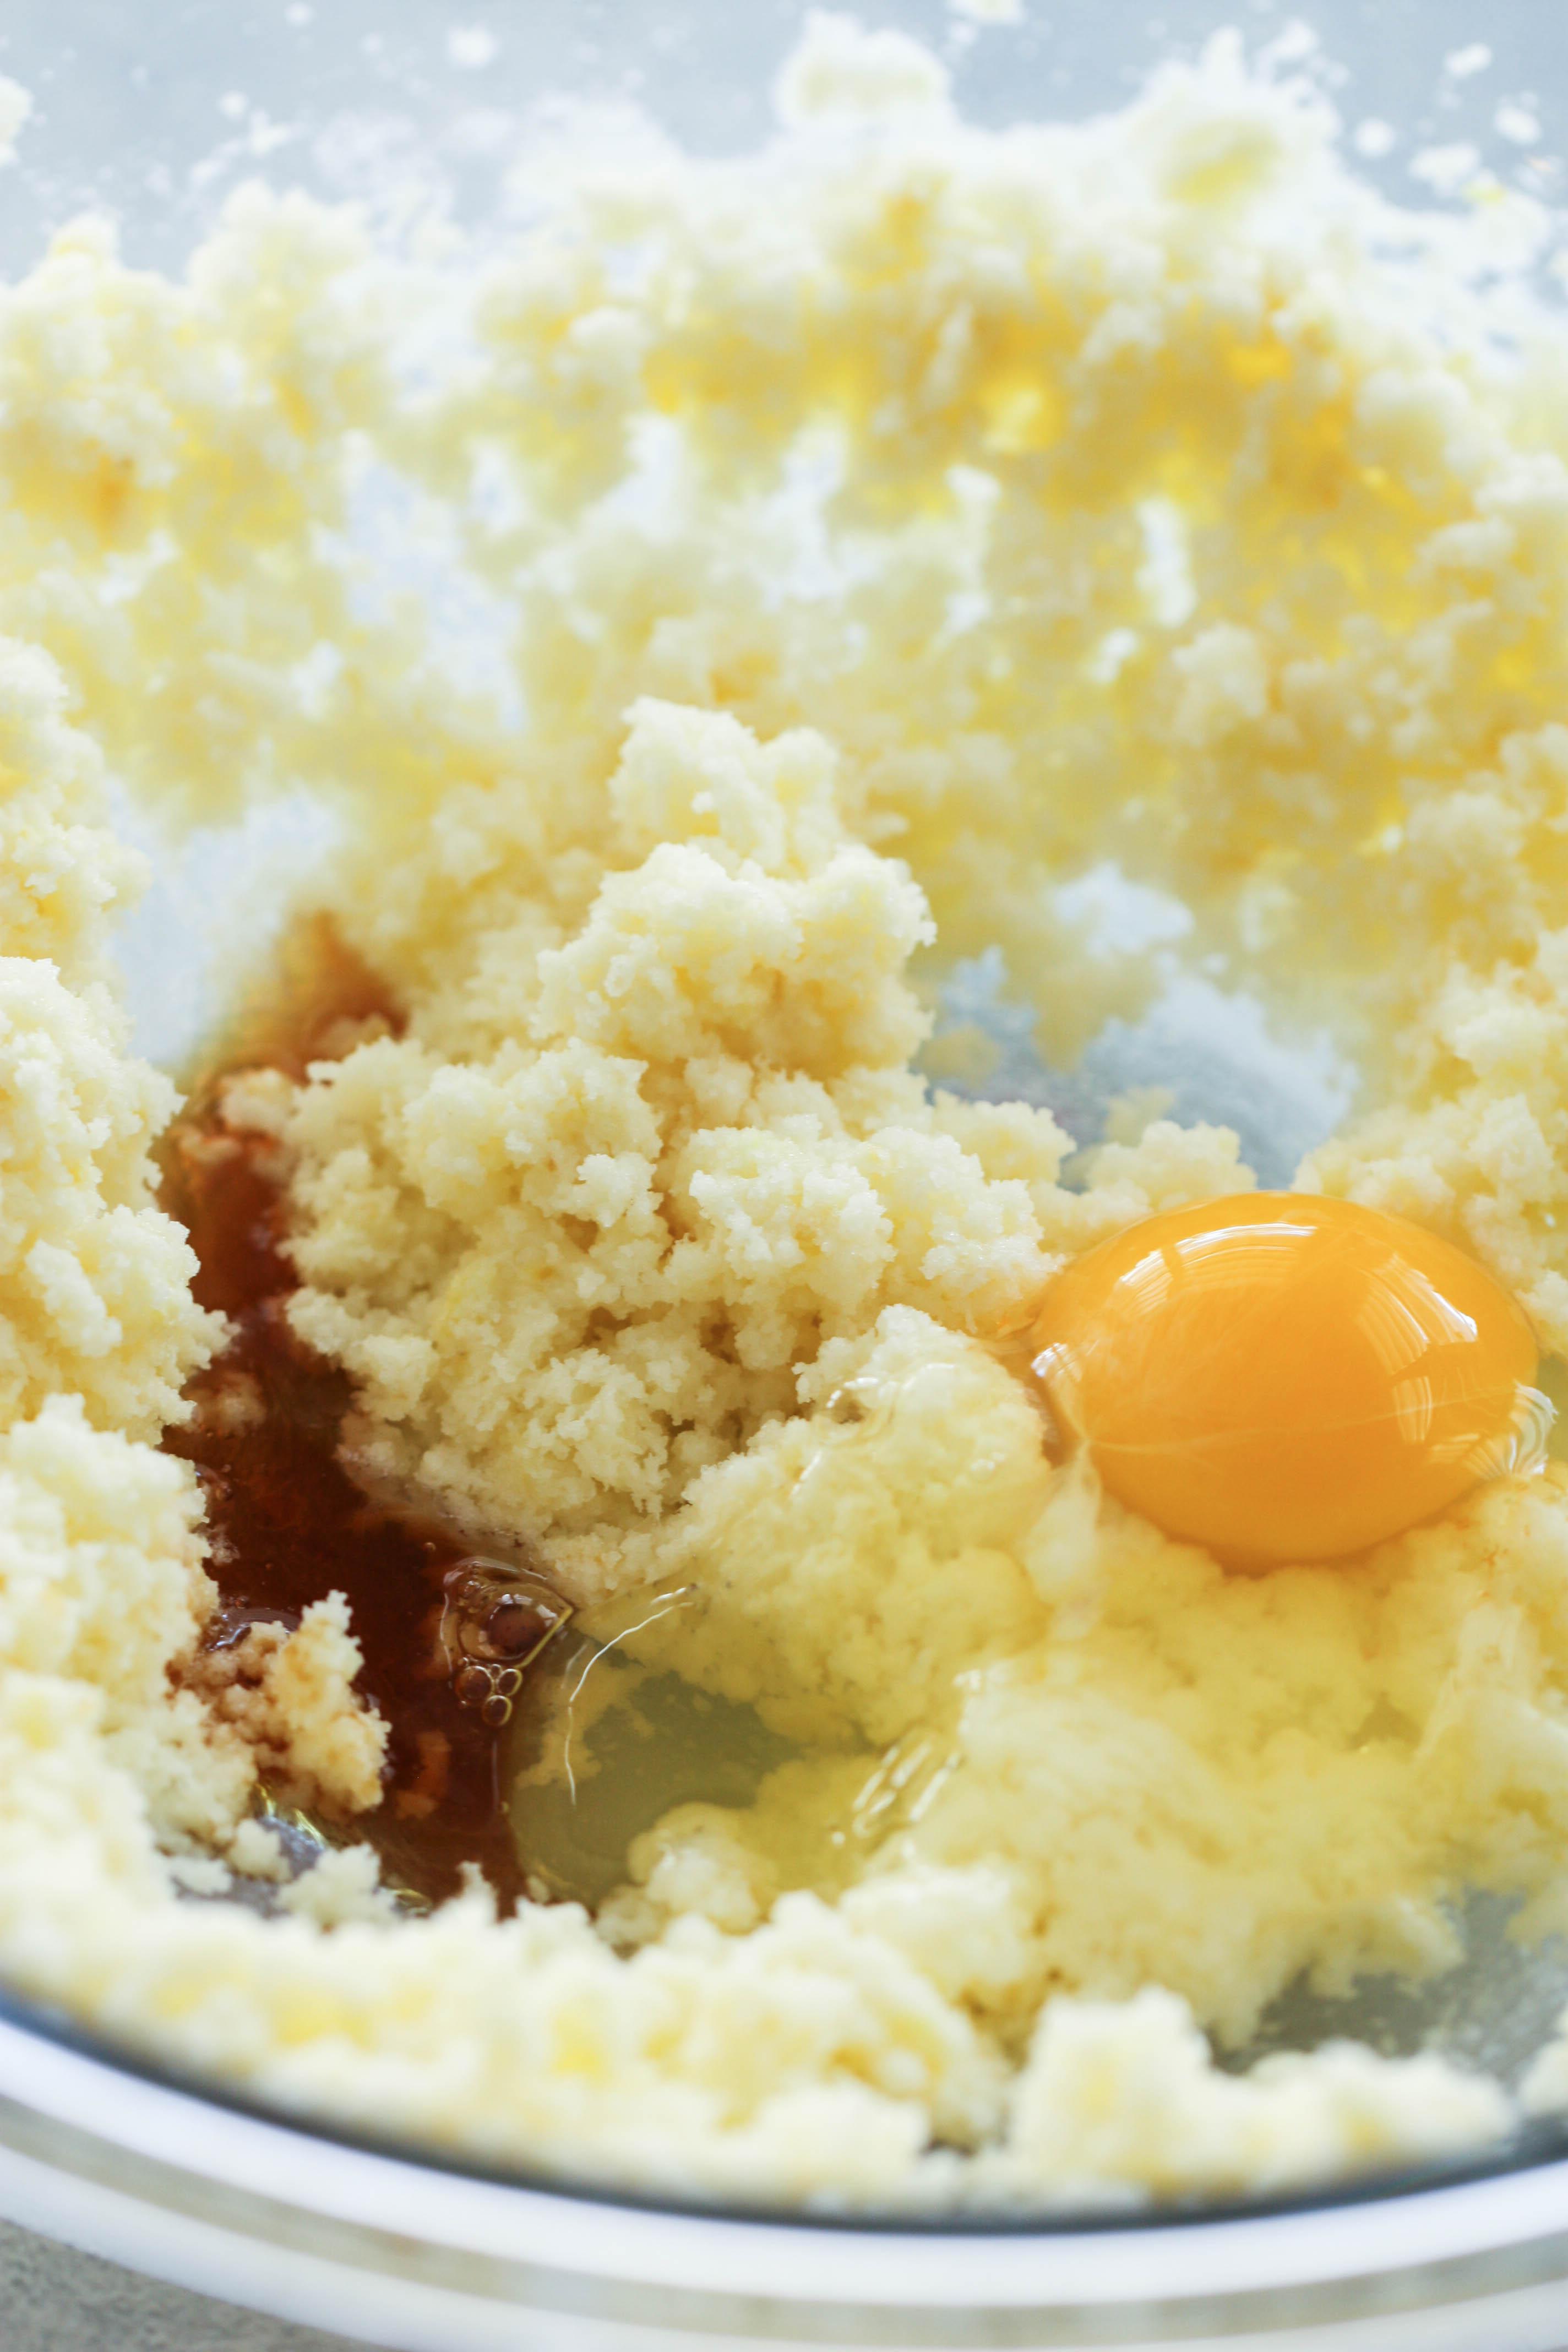 Lemon Blueberry Breakfast Cake